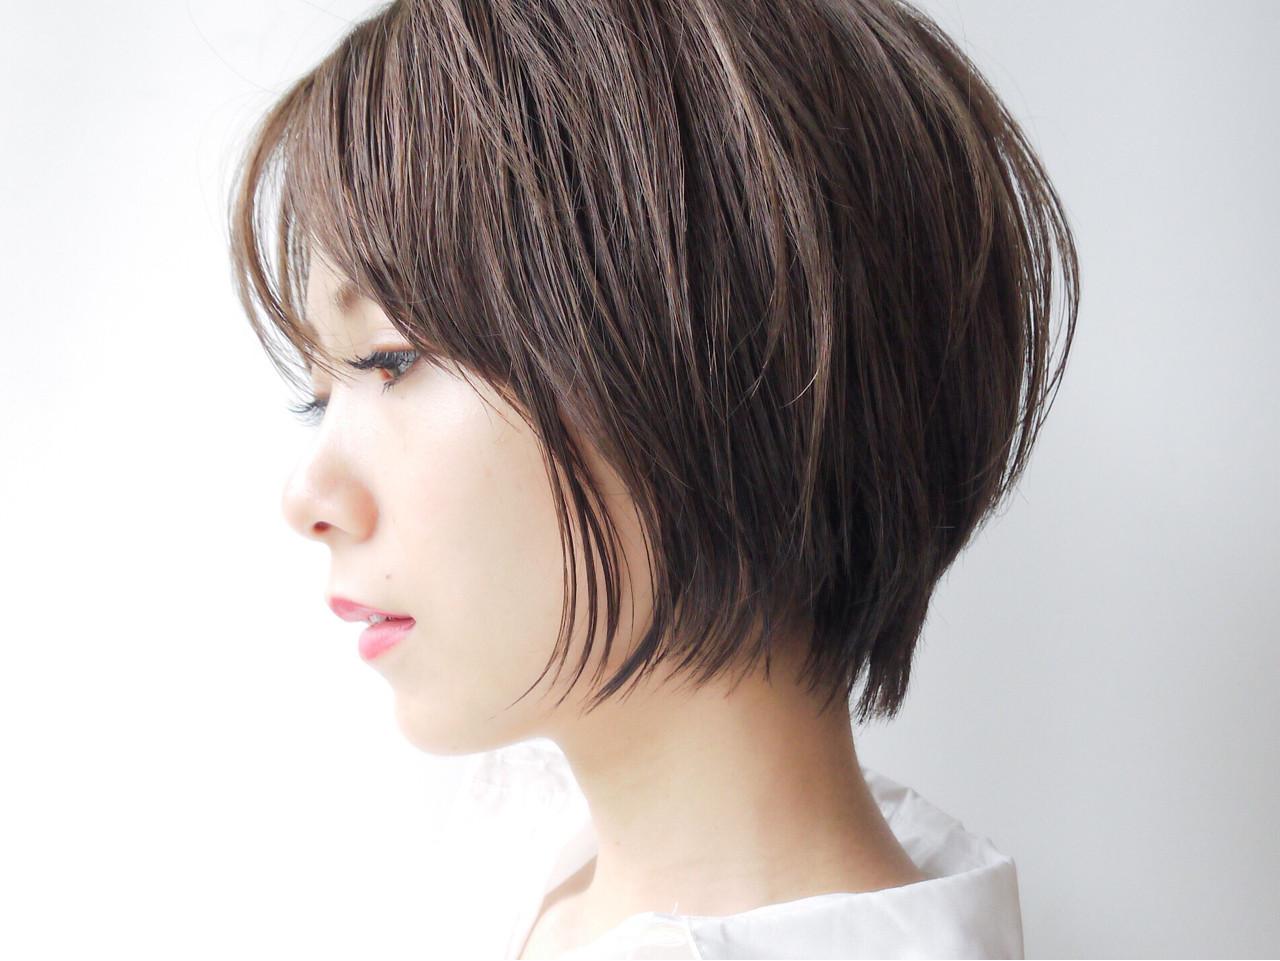 モテ髪 大人かわいい 愛され コンサバ ヘアスタイルや髪型の写真・画像   HIROKI / roijir / roijir